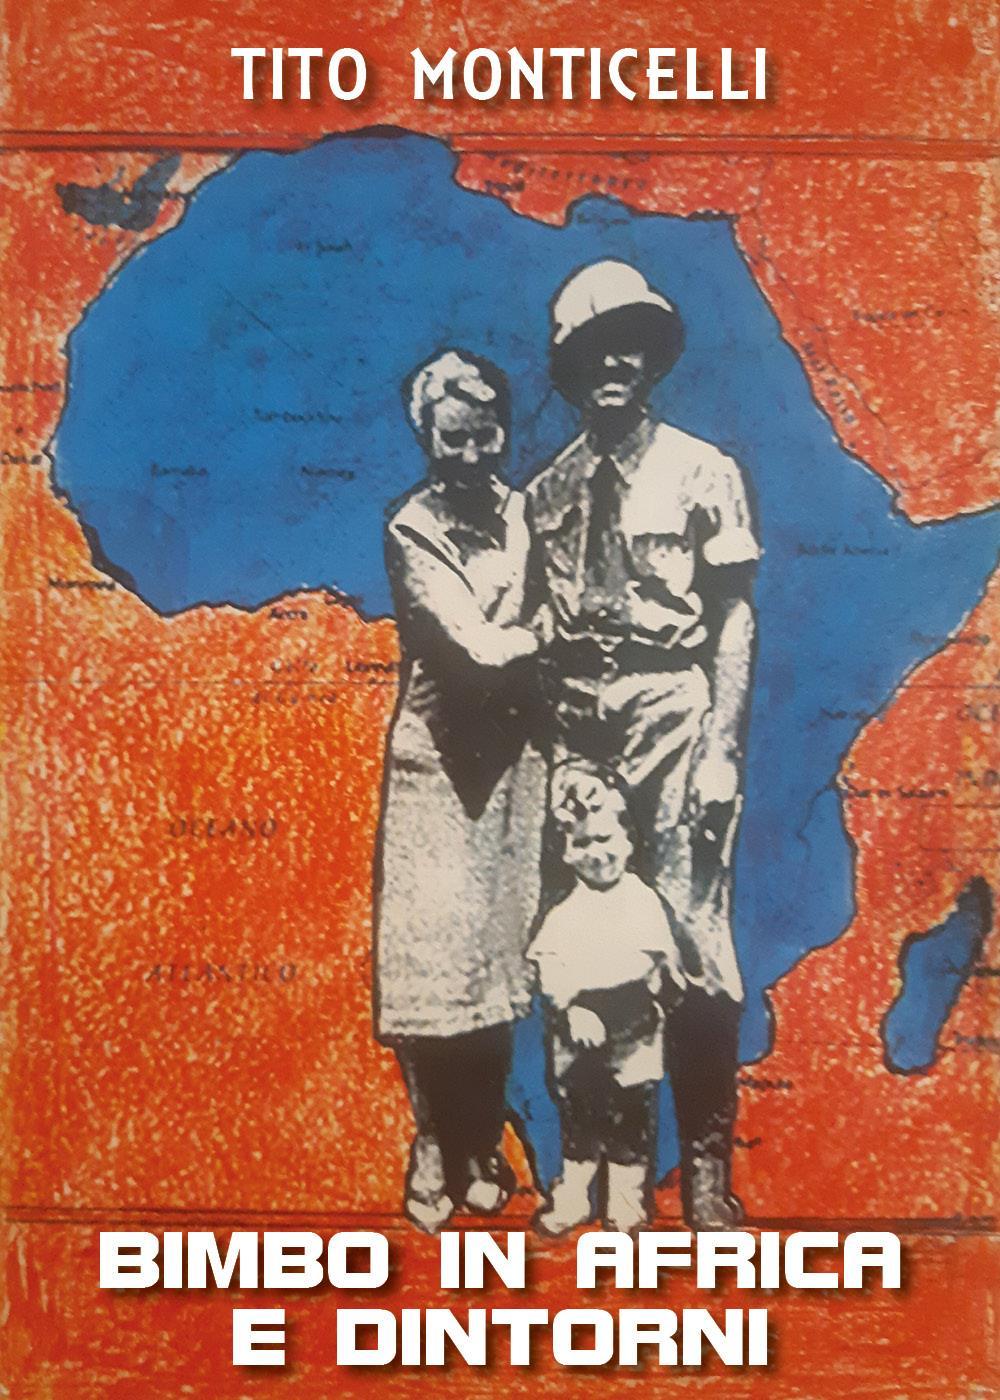 Bimbo in Africa e dintorni